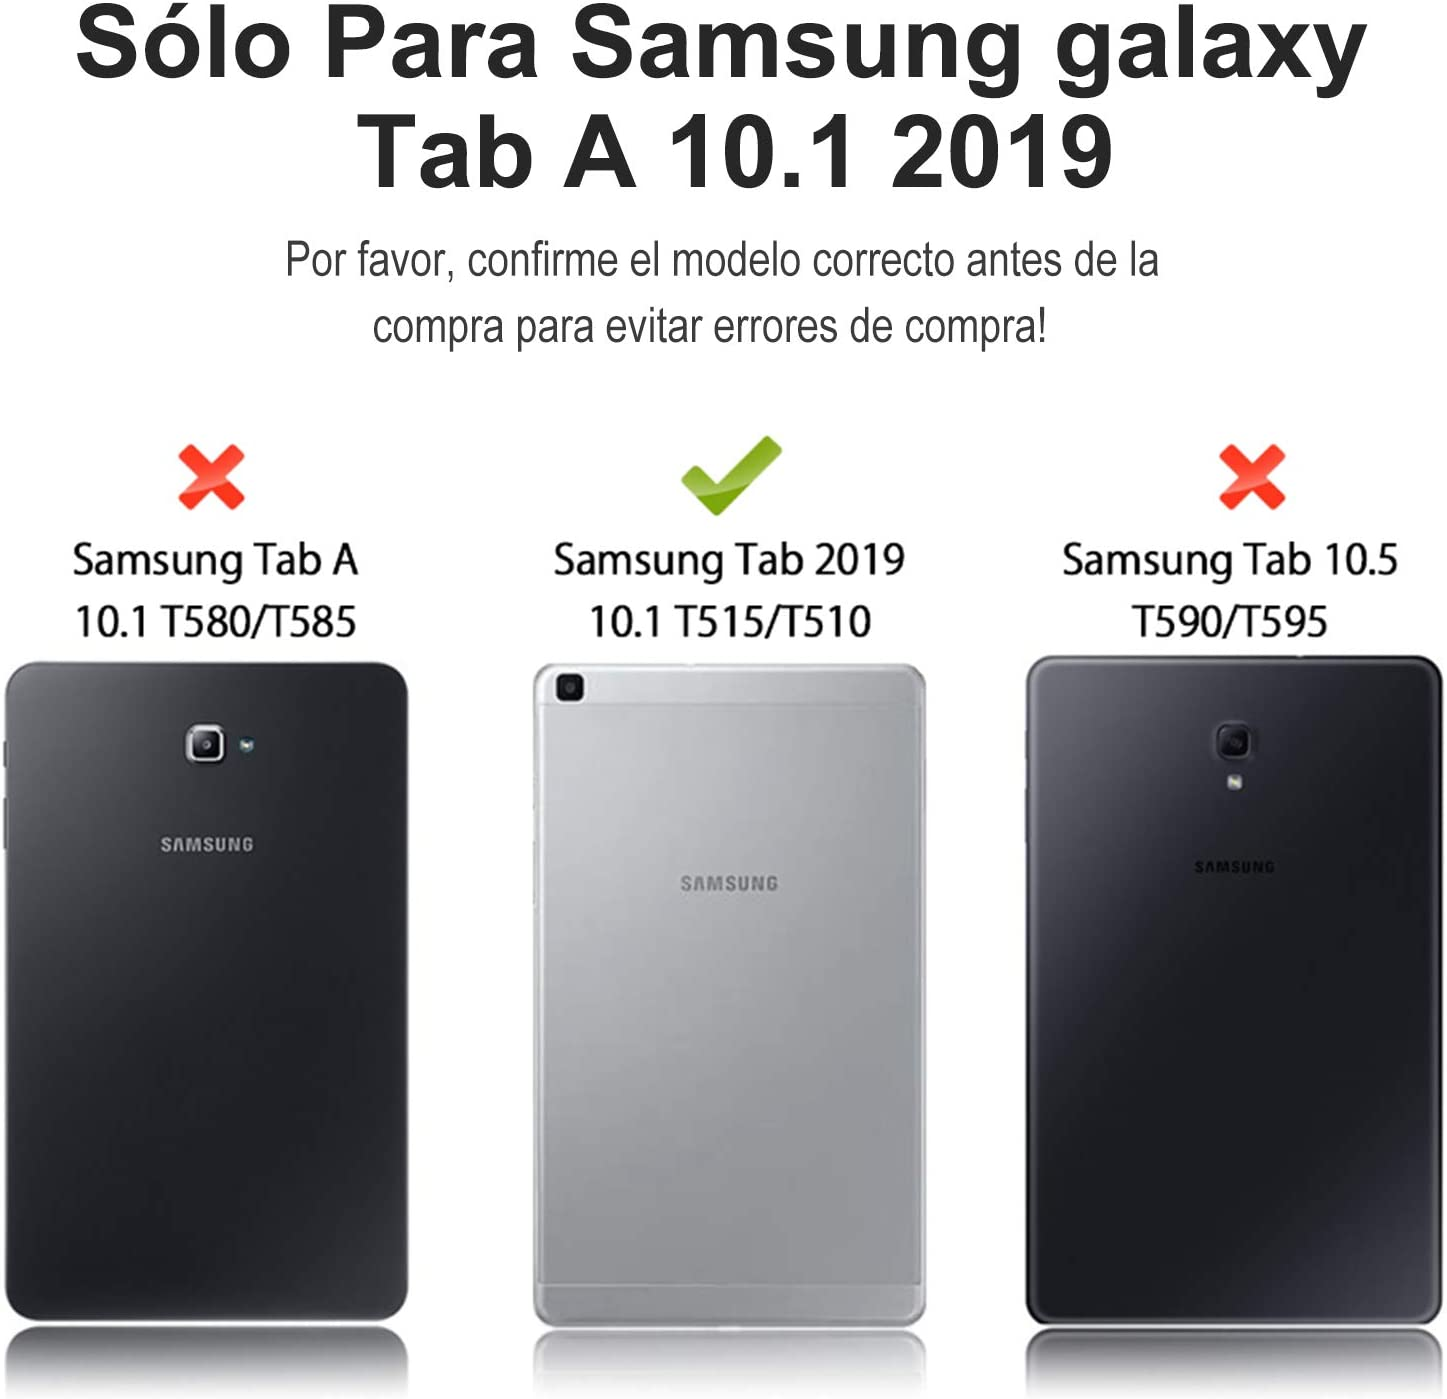 SENGBIRCH Teclado con Funda para Samsung Galaxy Tab A 2019 10.1 Tablet, Diseño de Español Teclado Bluetooth con Auto Despertar/Dormir con Inteligente ...